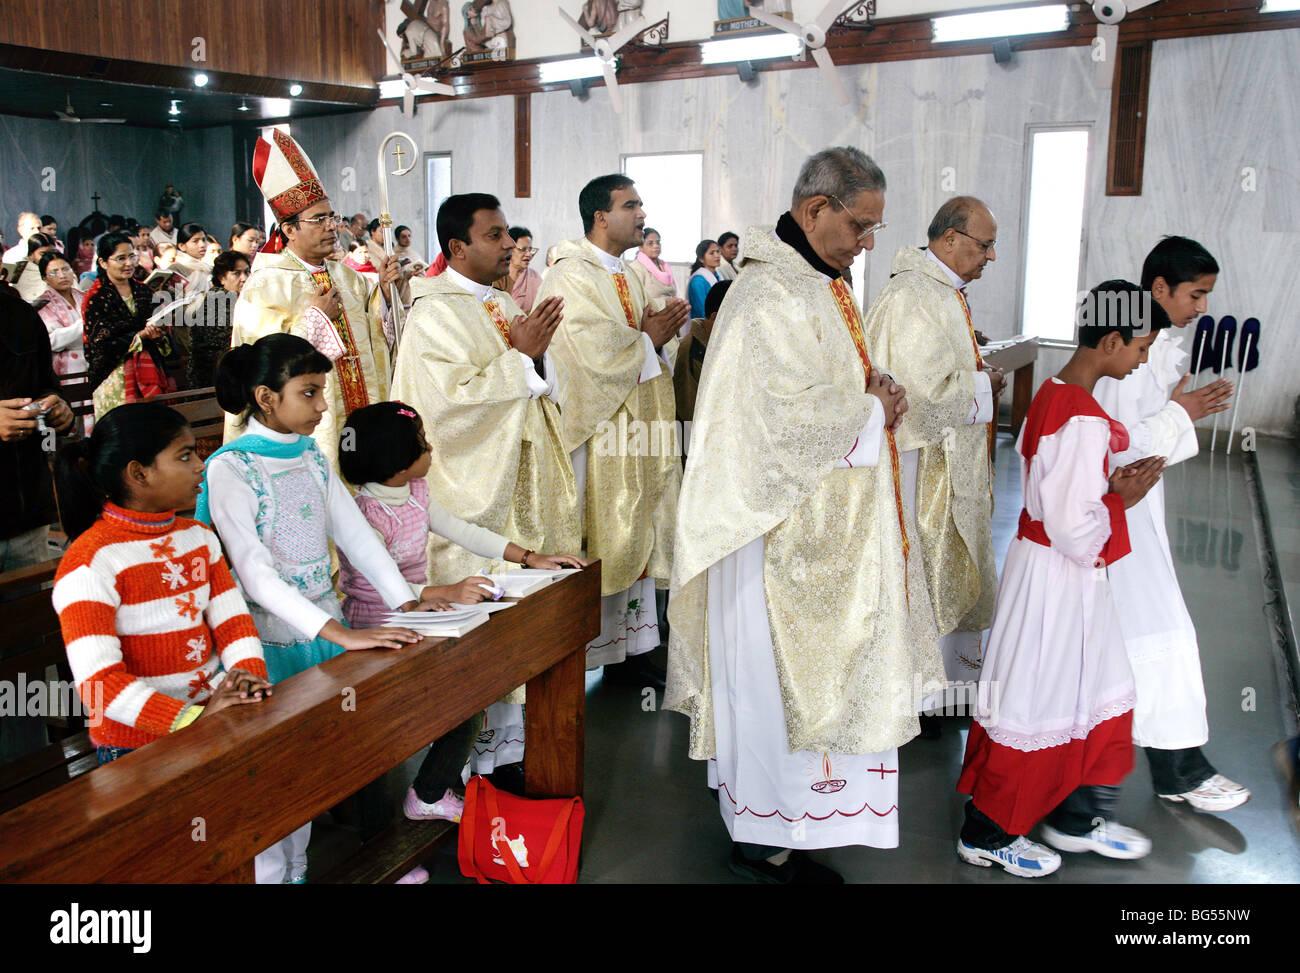 Sonntag Messe in der römisch-katholischen Kathedrale Saint Joseph in Lucknow, Uttar Pradesh, Indien Stockbild